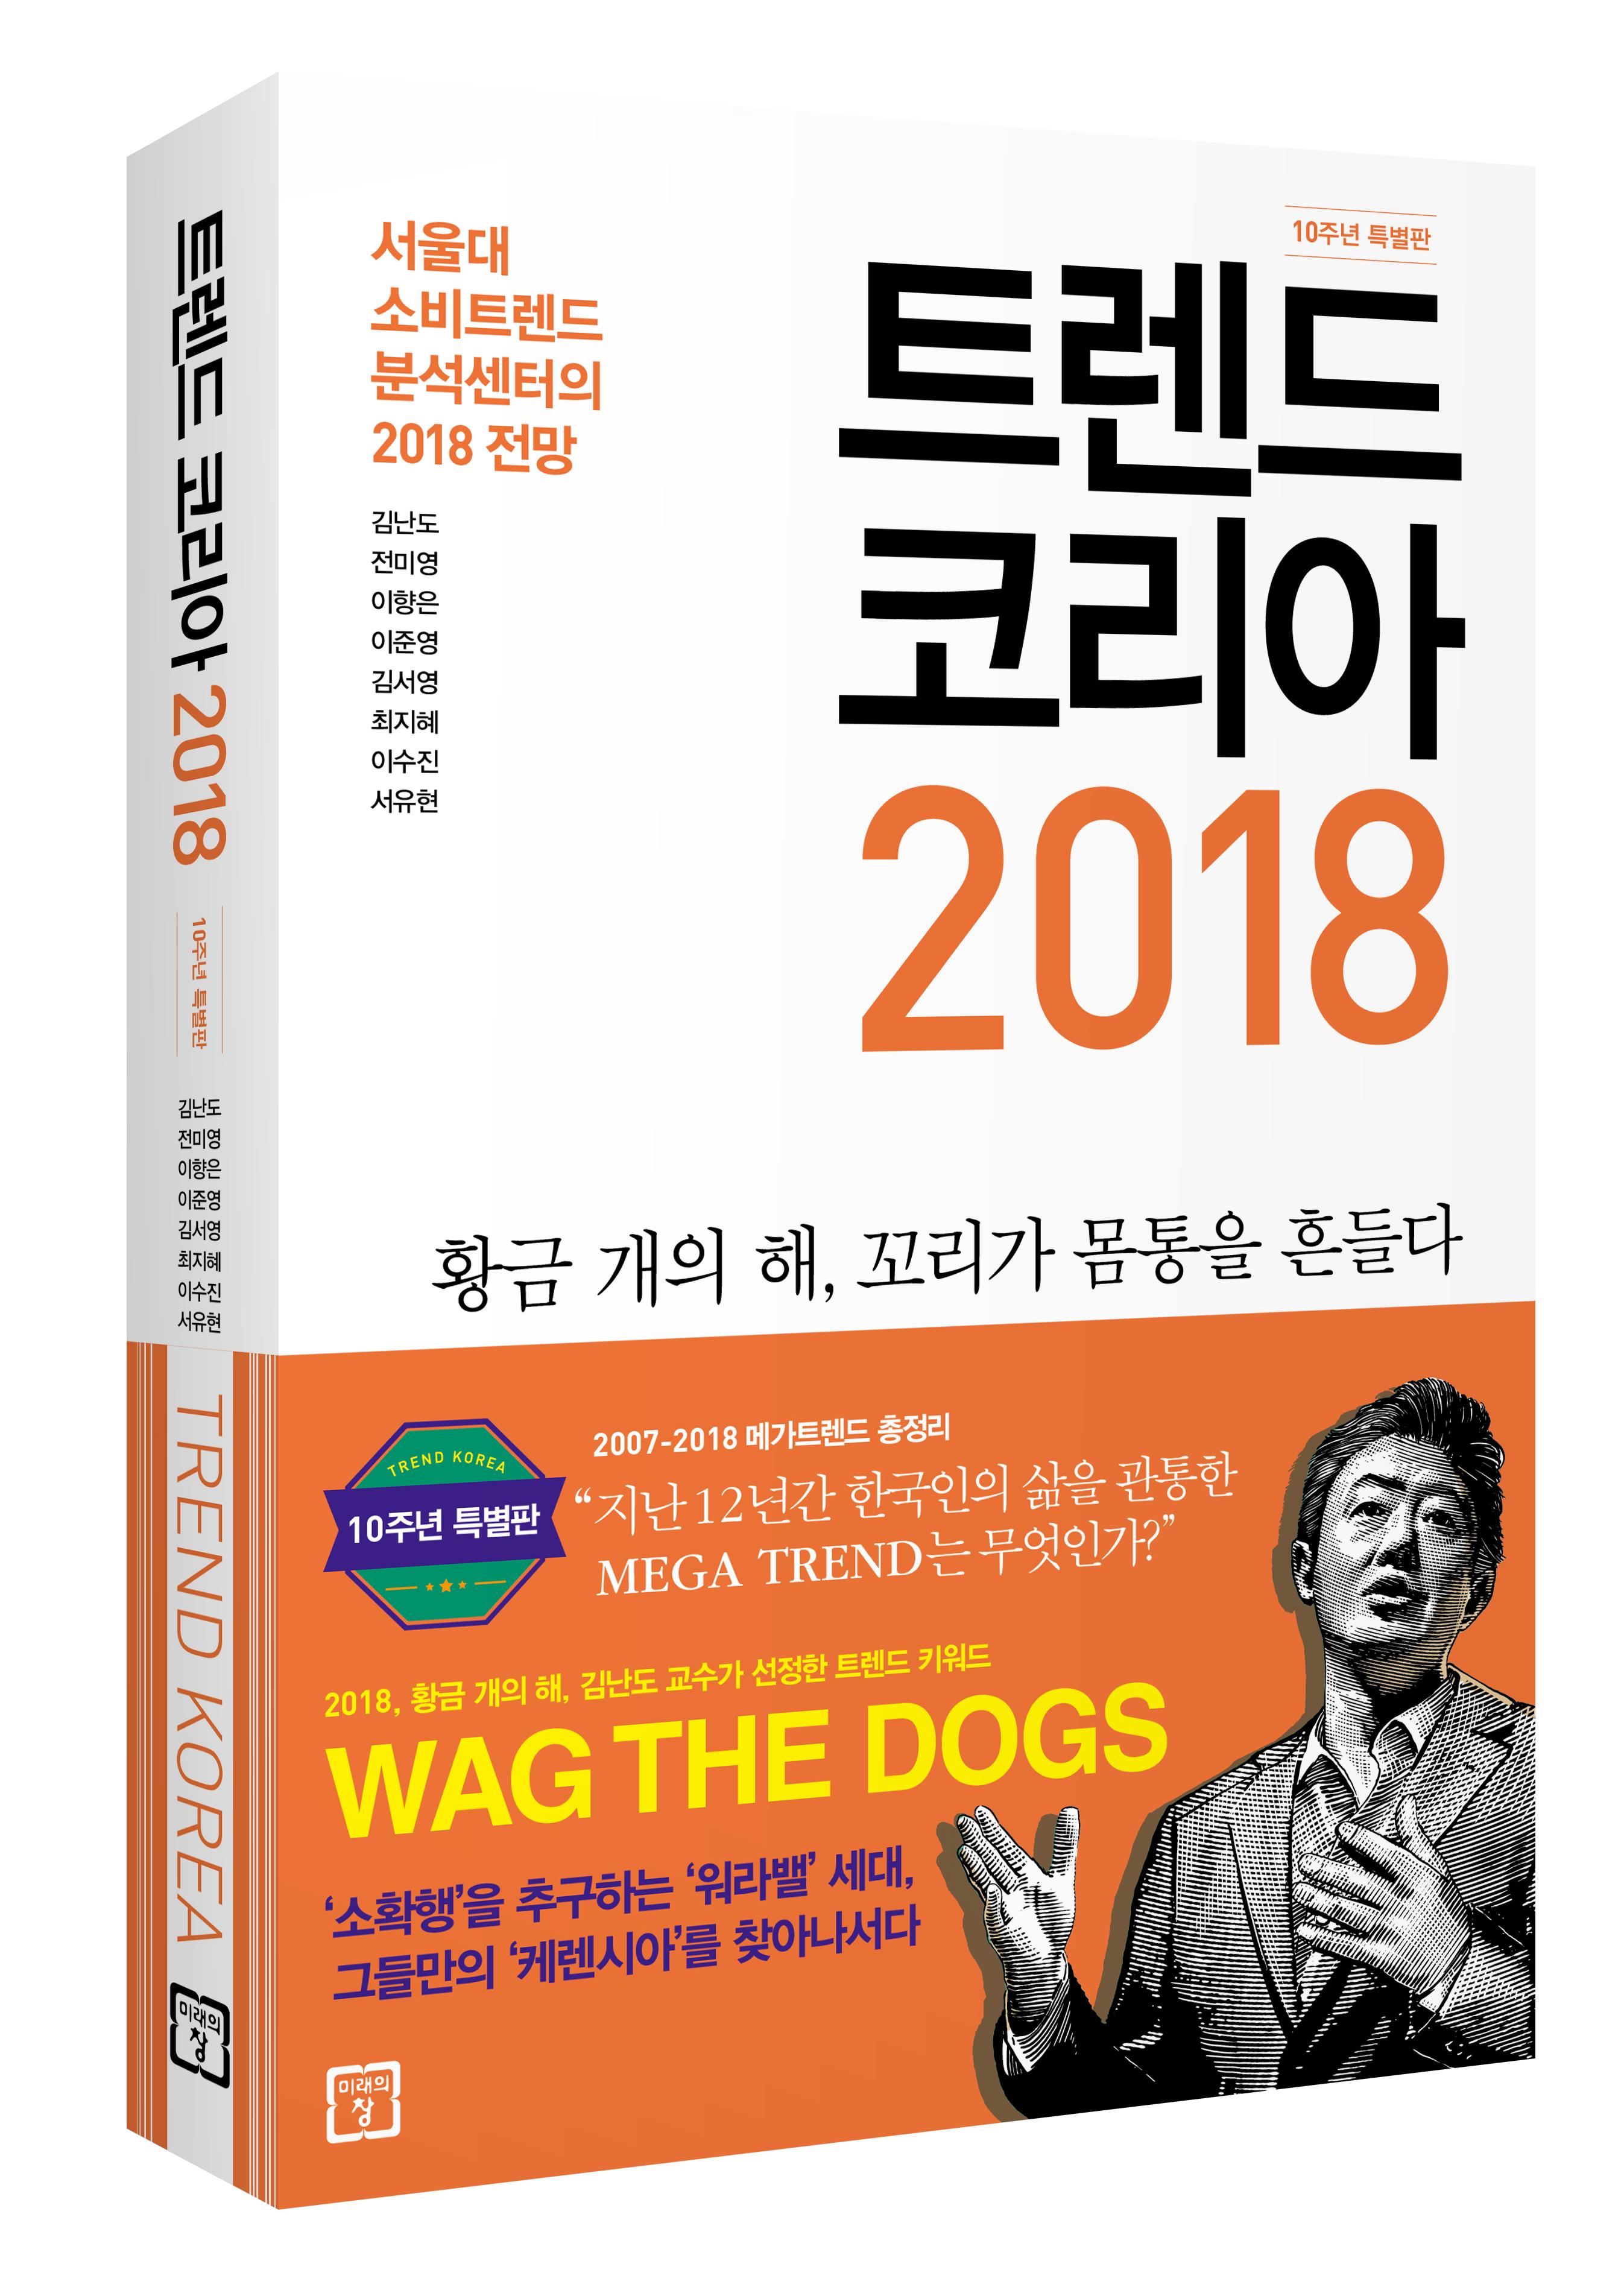 2018년 황금 개띠 해, 한국 사회 주도할 트렌드는? '트렌드 코리아 2018'